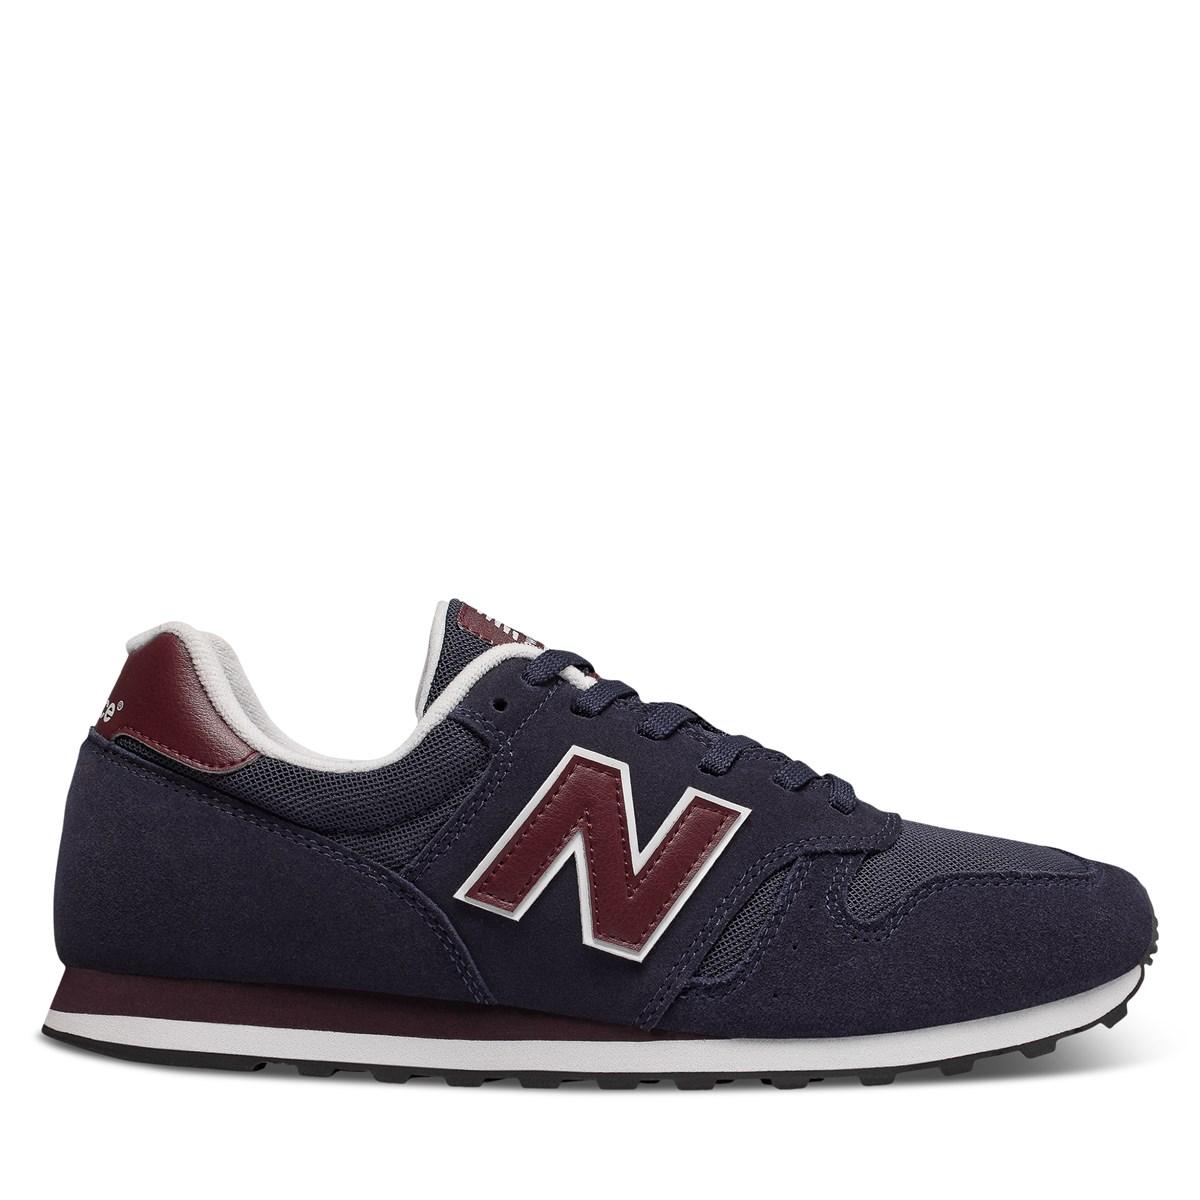 Men's 373 Sneakers in Navy Blue/Burgundy